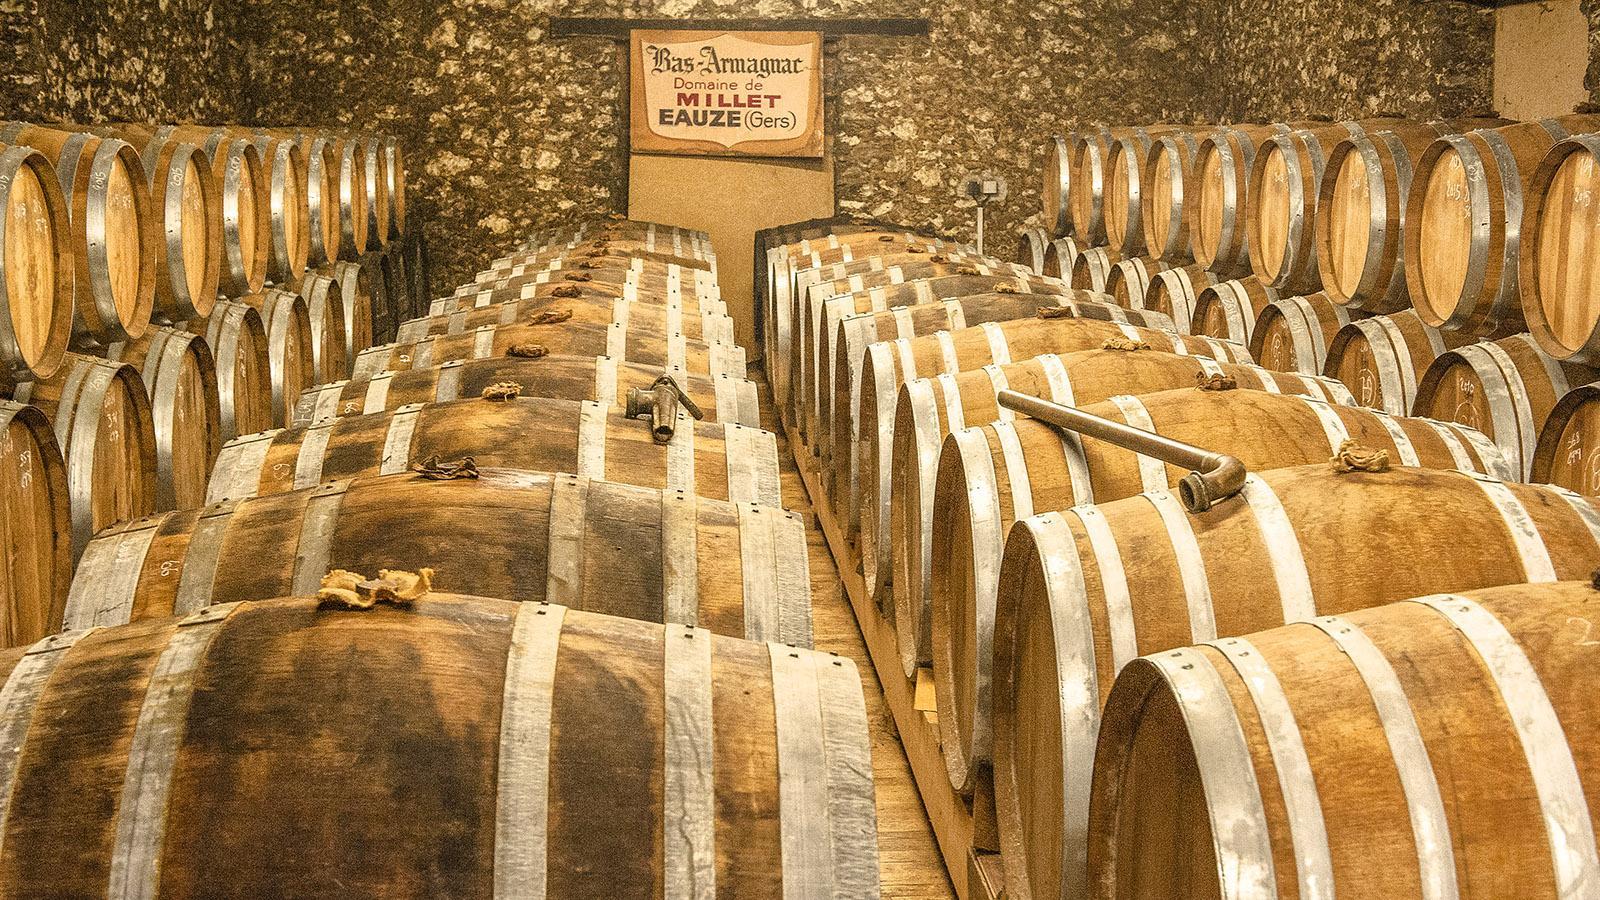 Der Armagnac-Keller des Château de Millet. Foto: Hilke Maunder